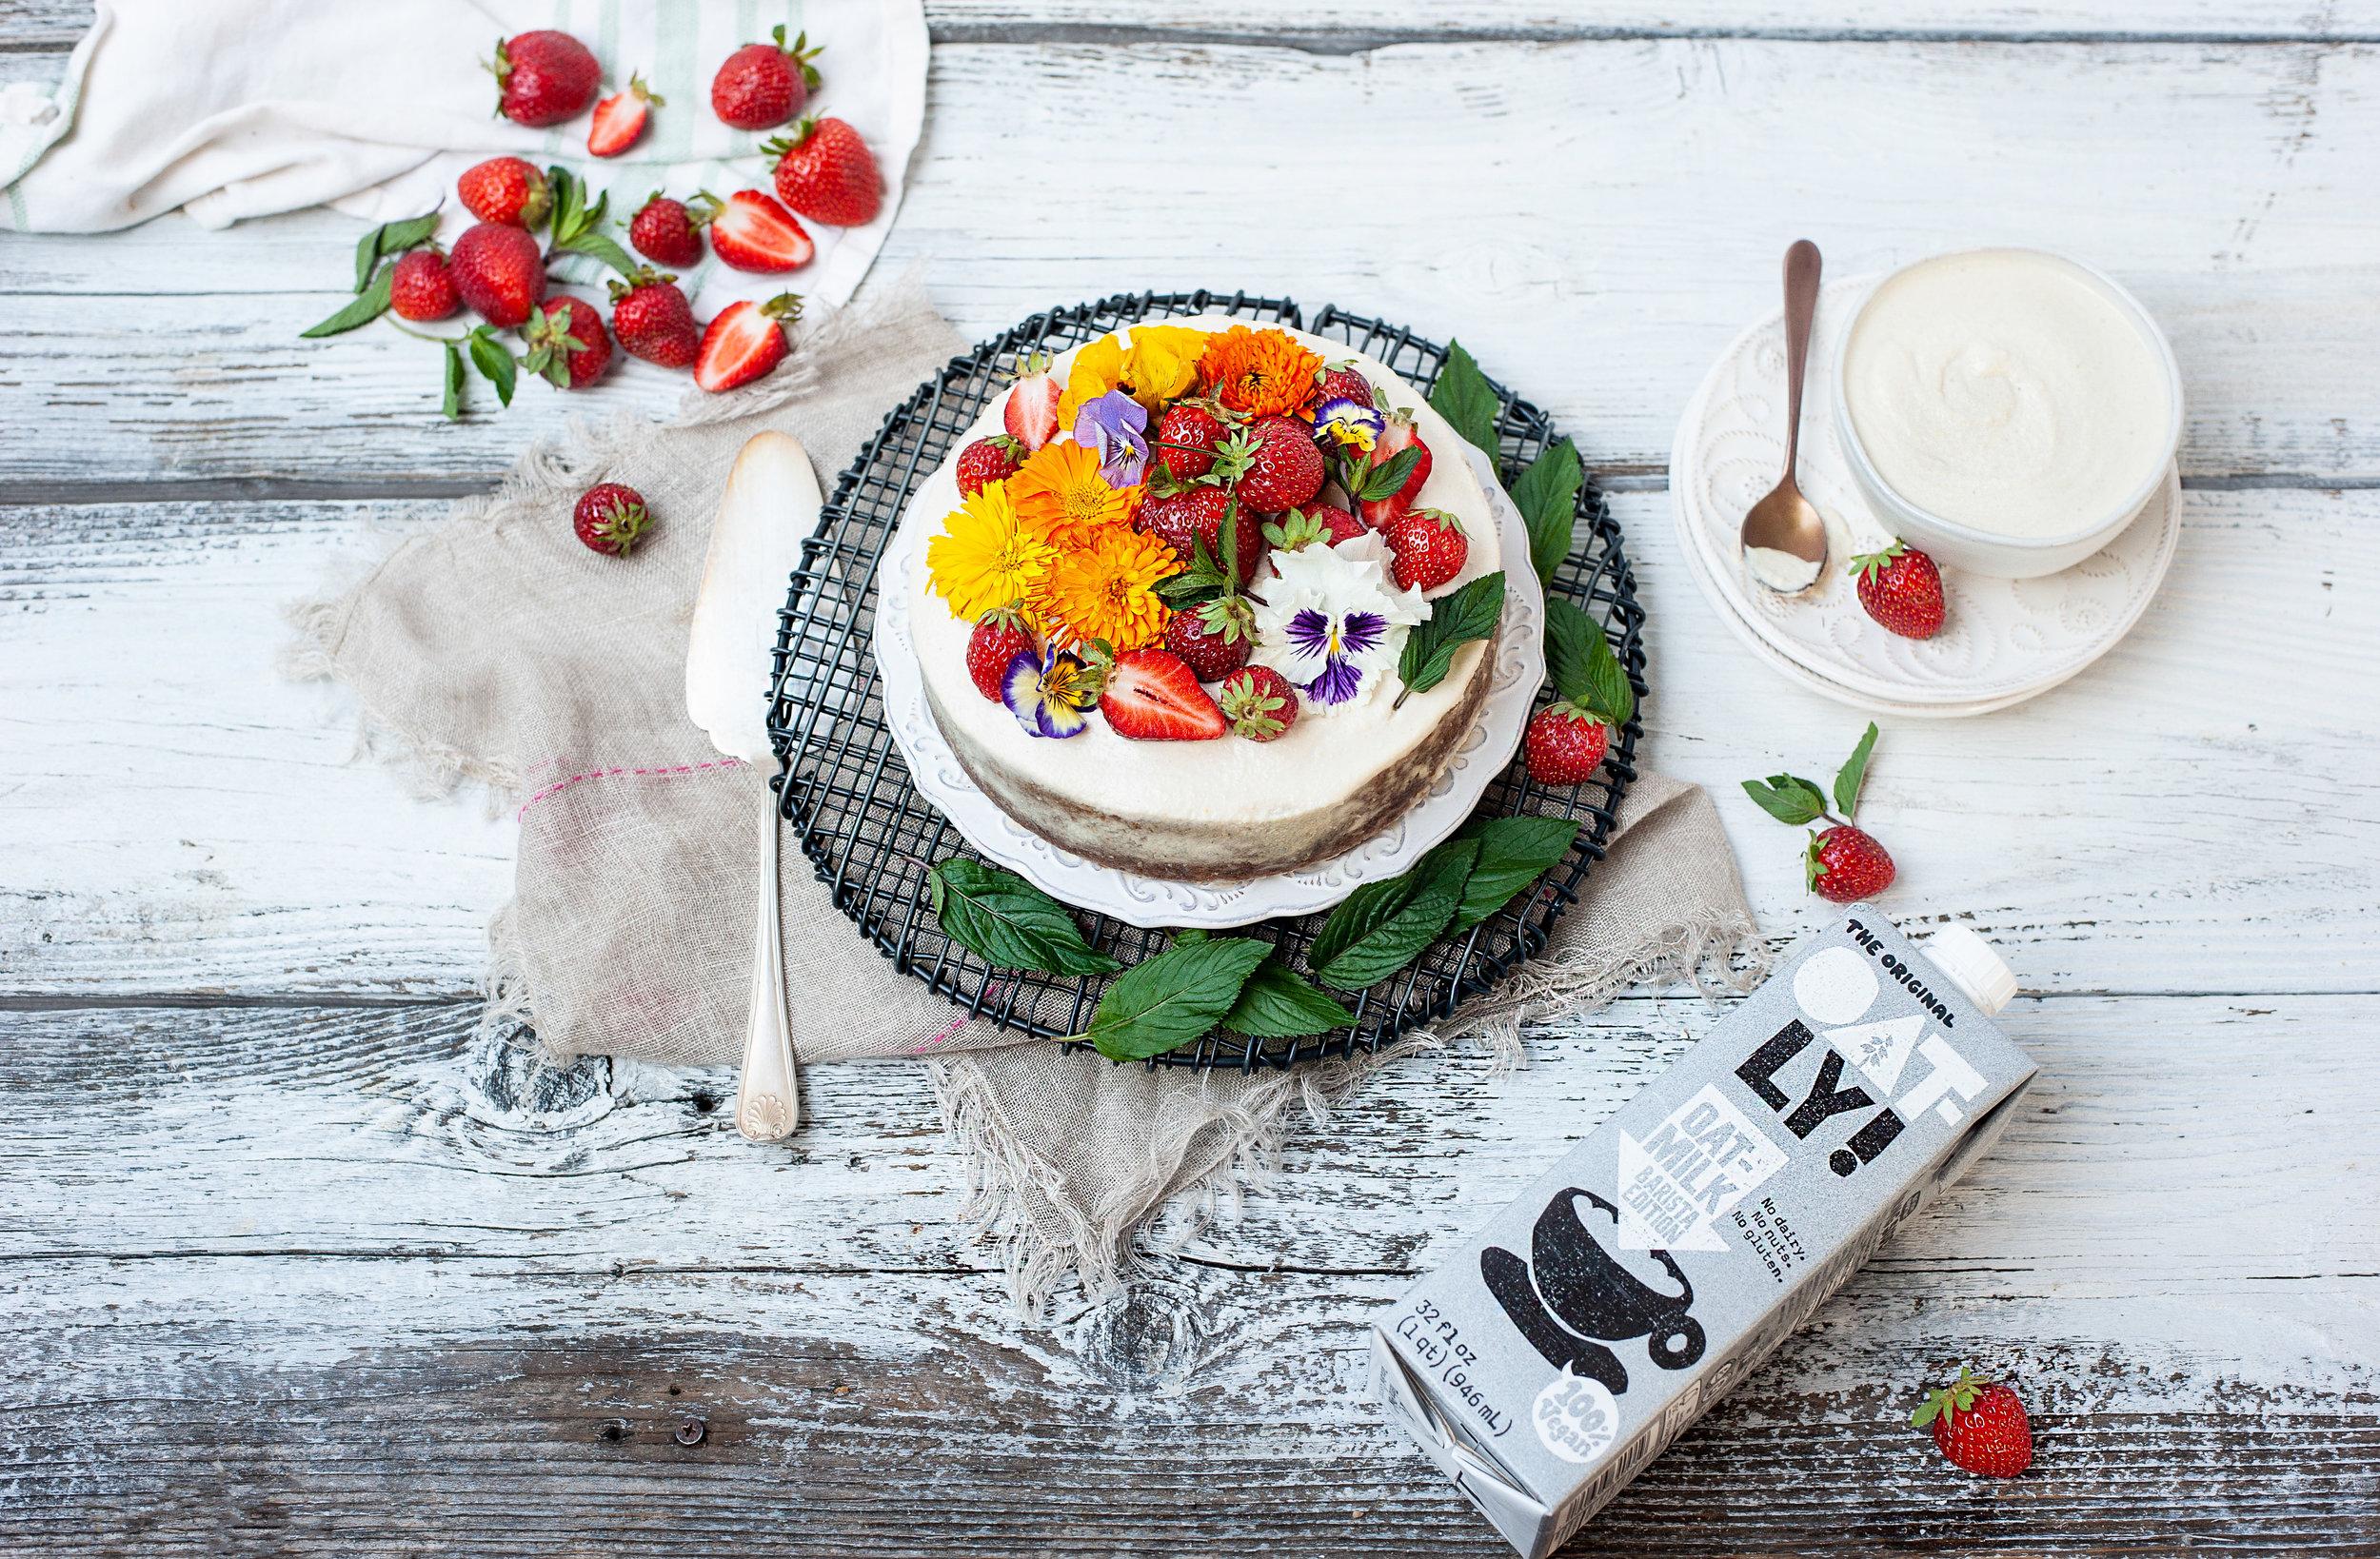 OATLY-Carrot-Cake-Flowers-Strawberries-2.jpg